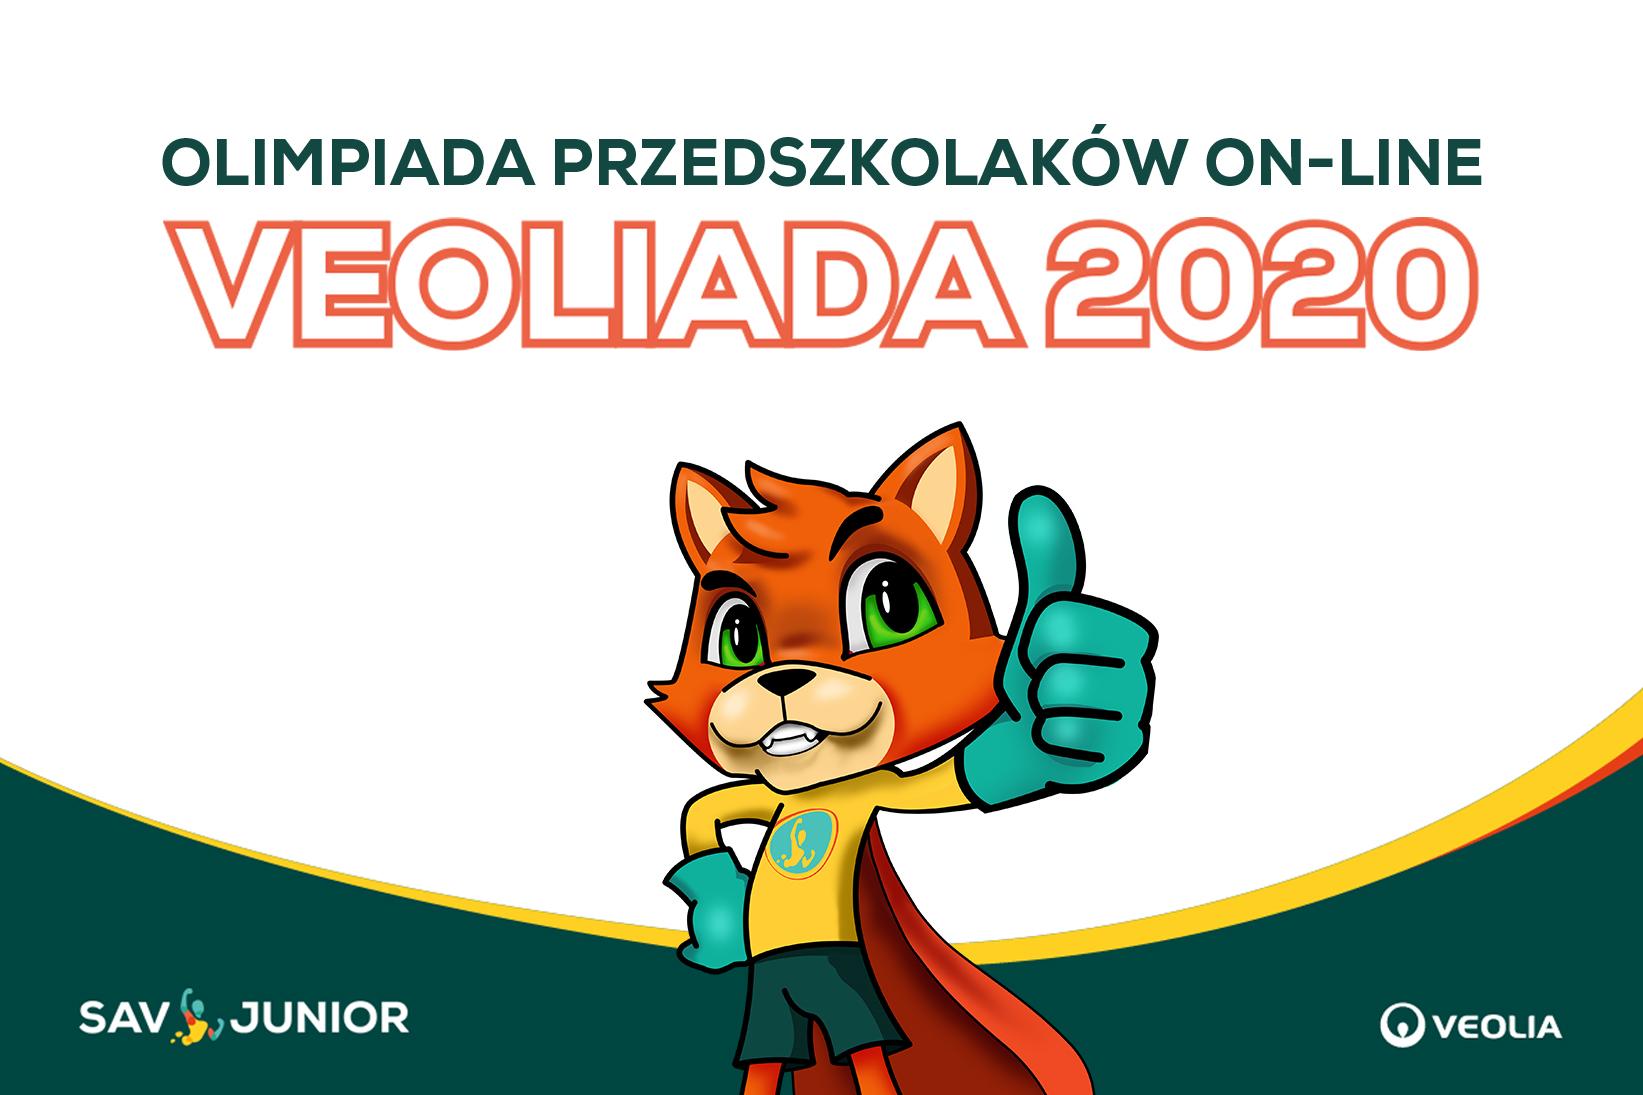 Veoliada-olimpiada przedszkolaków on-line